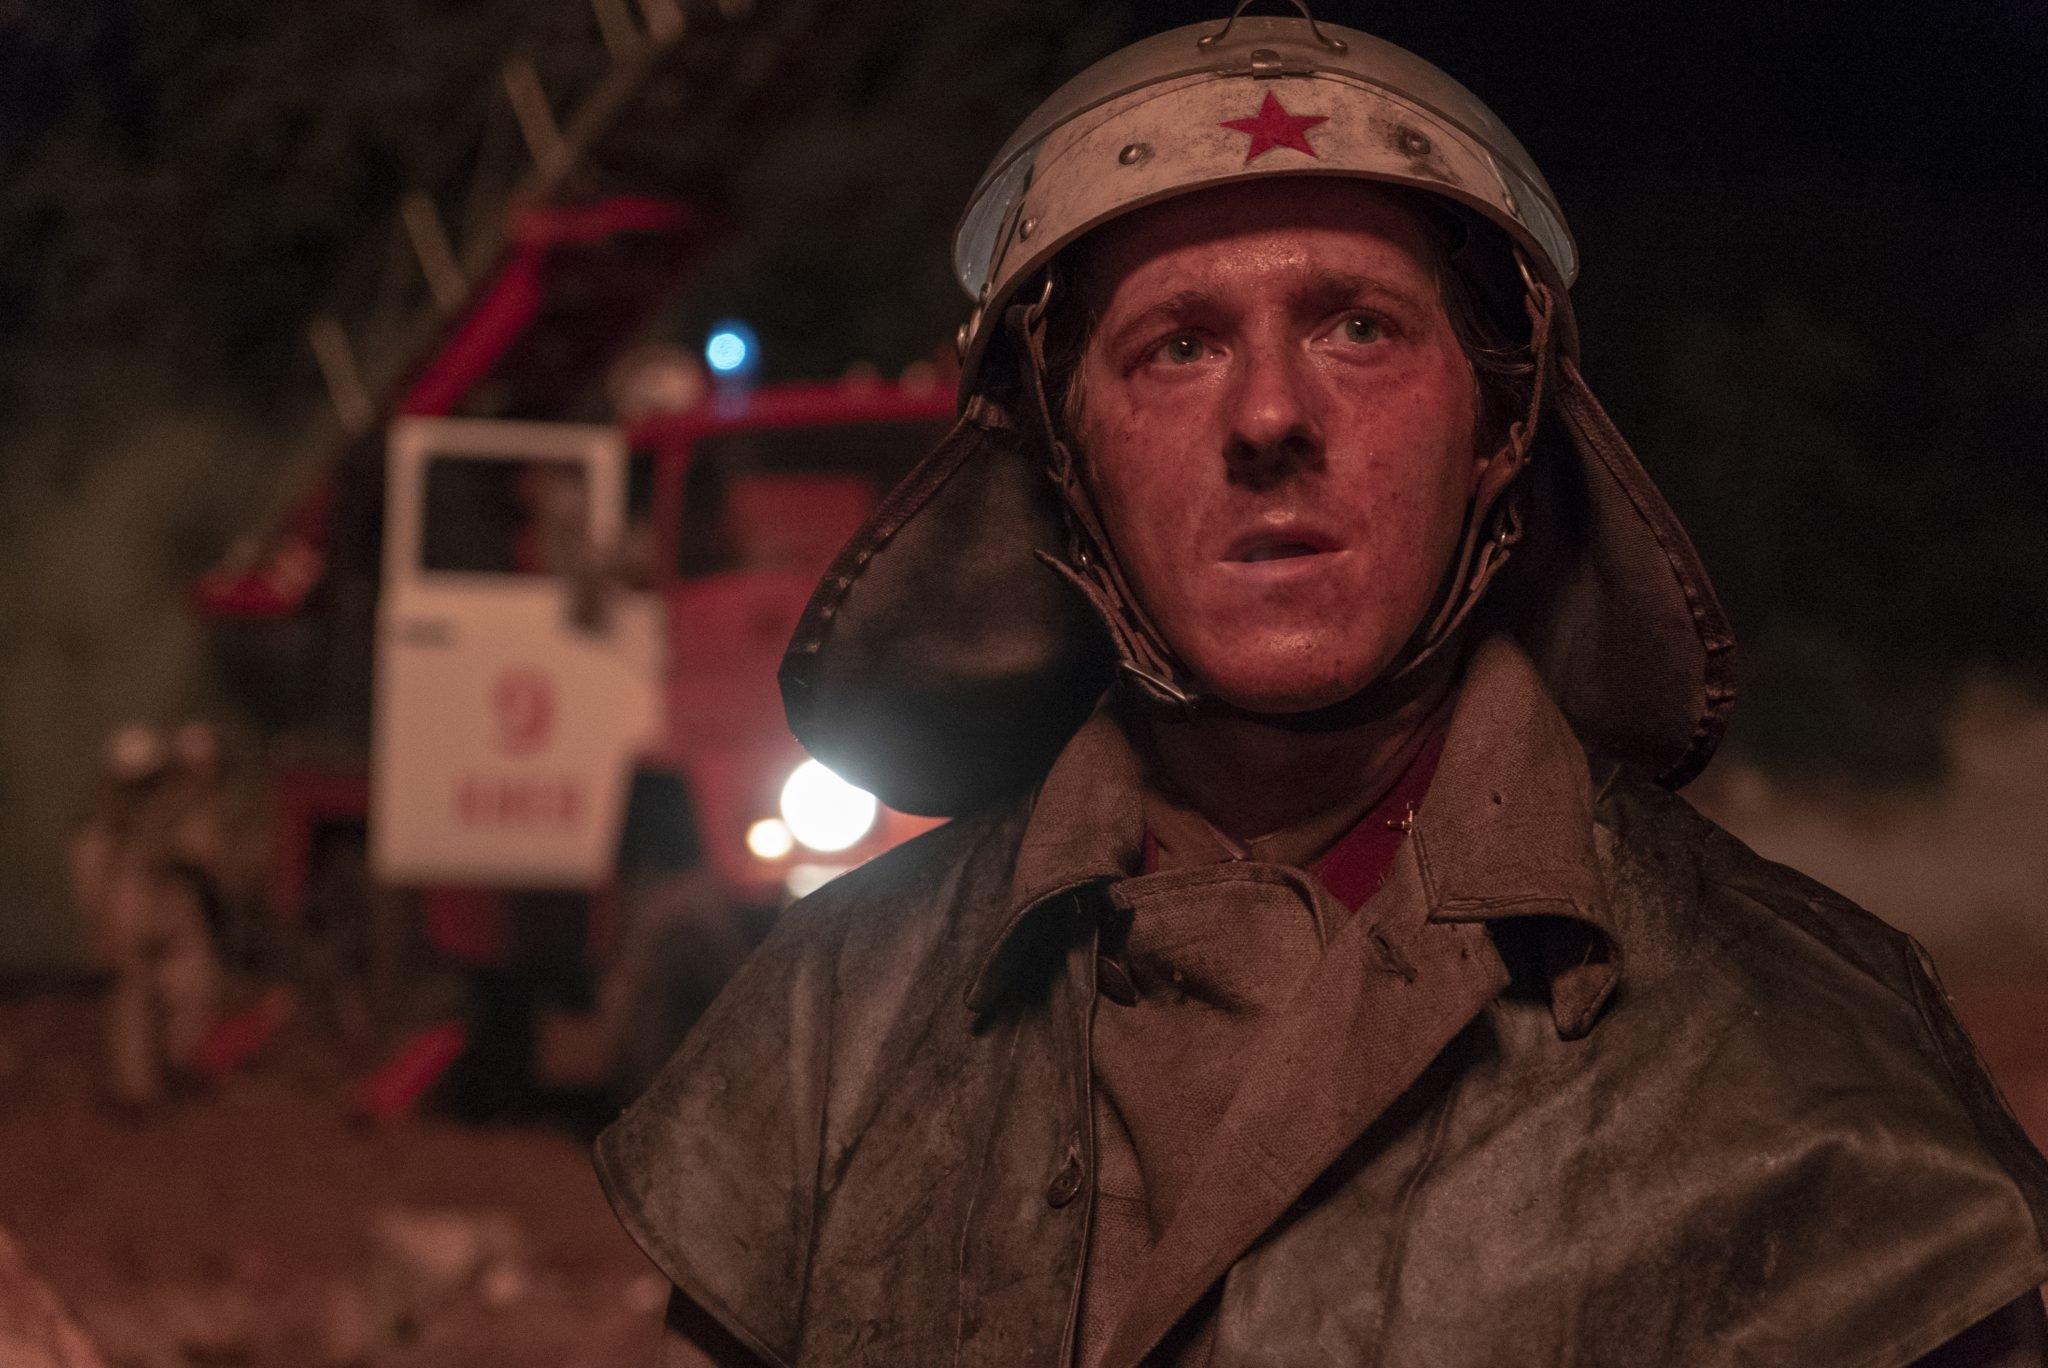 TOP 10 zaujímavých faktov o hrozivom HBO seriáli Chernobyl